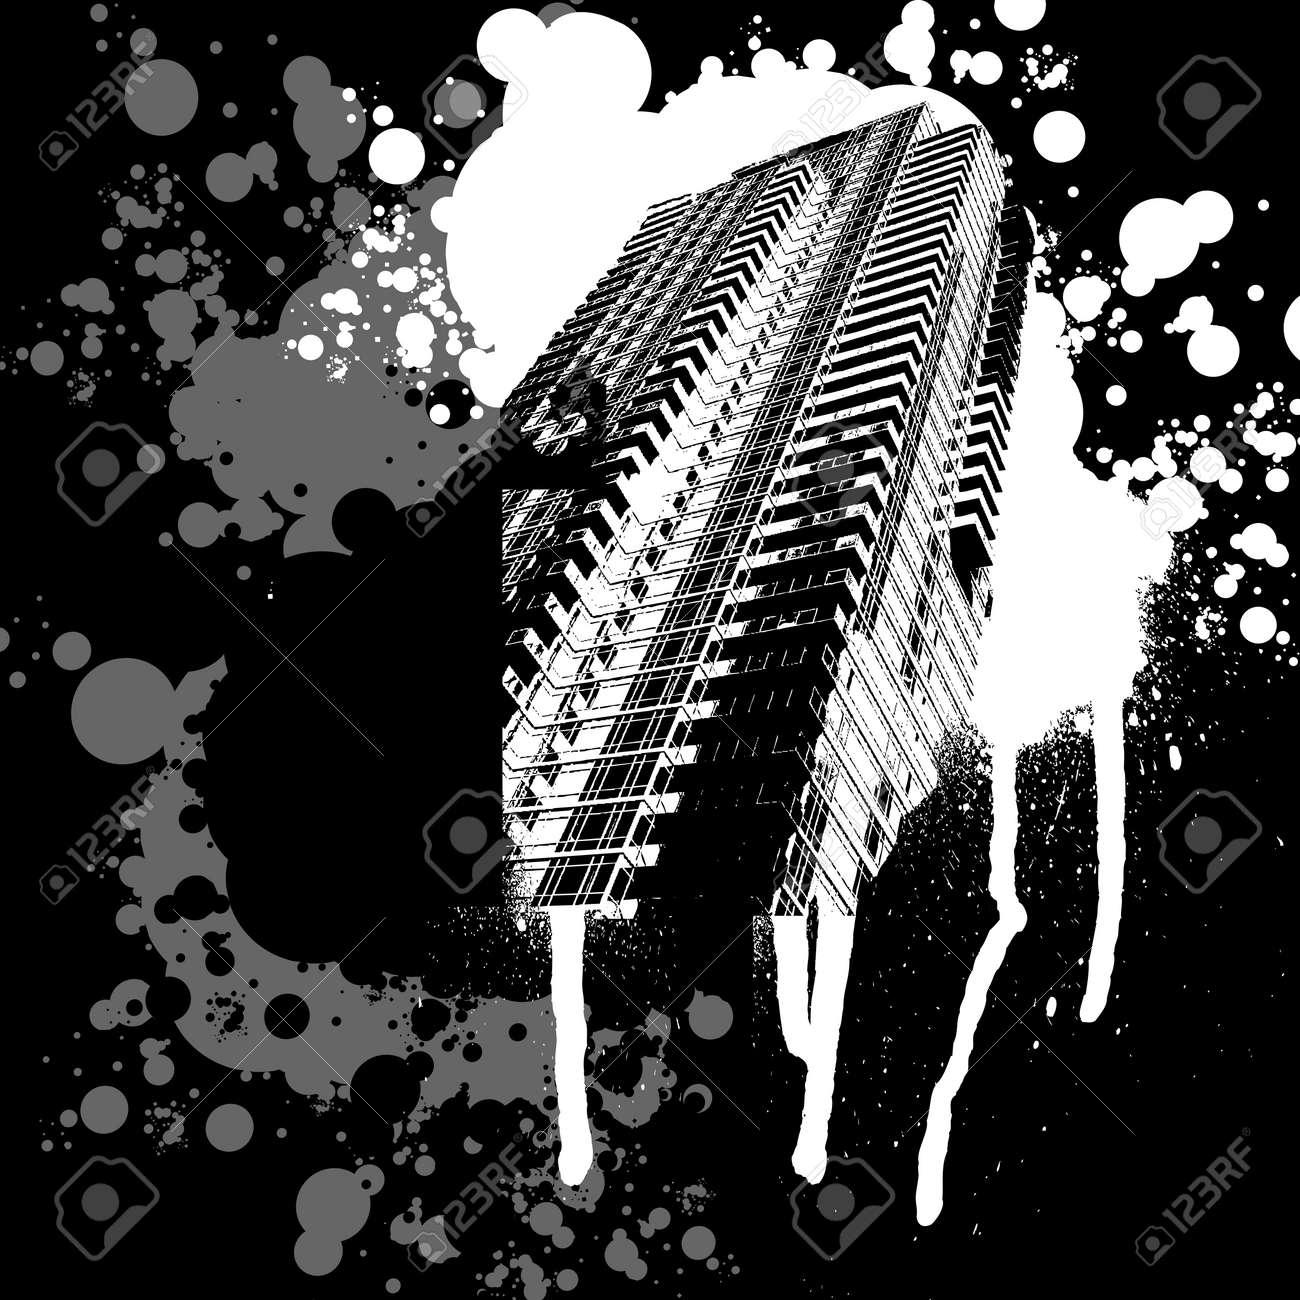 Skyscraper Black And White Graffiti Stock Vector - 2222790